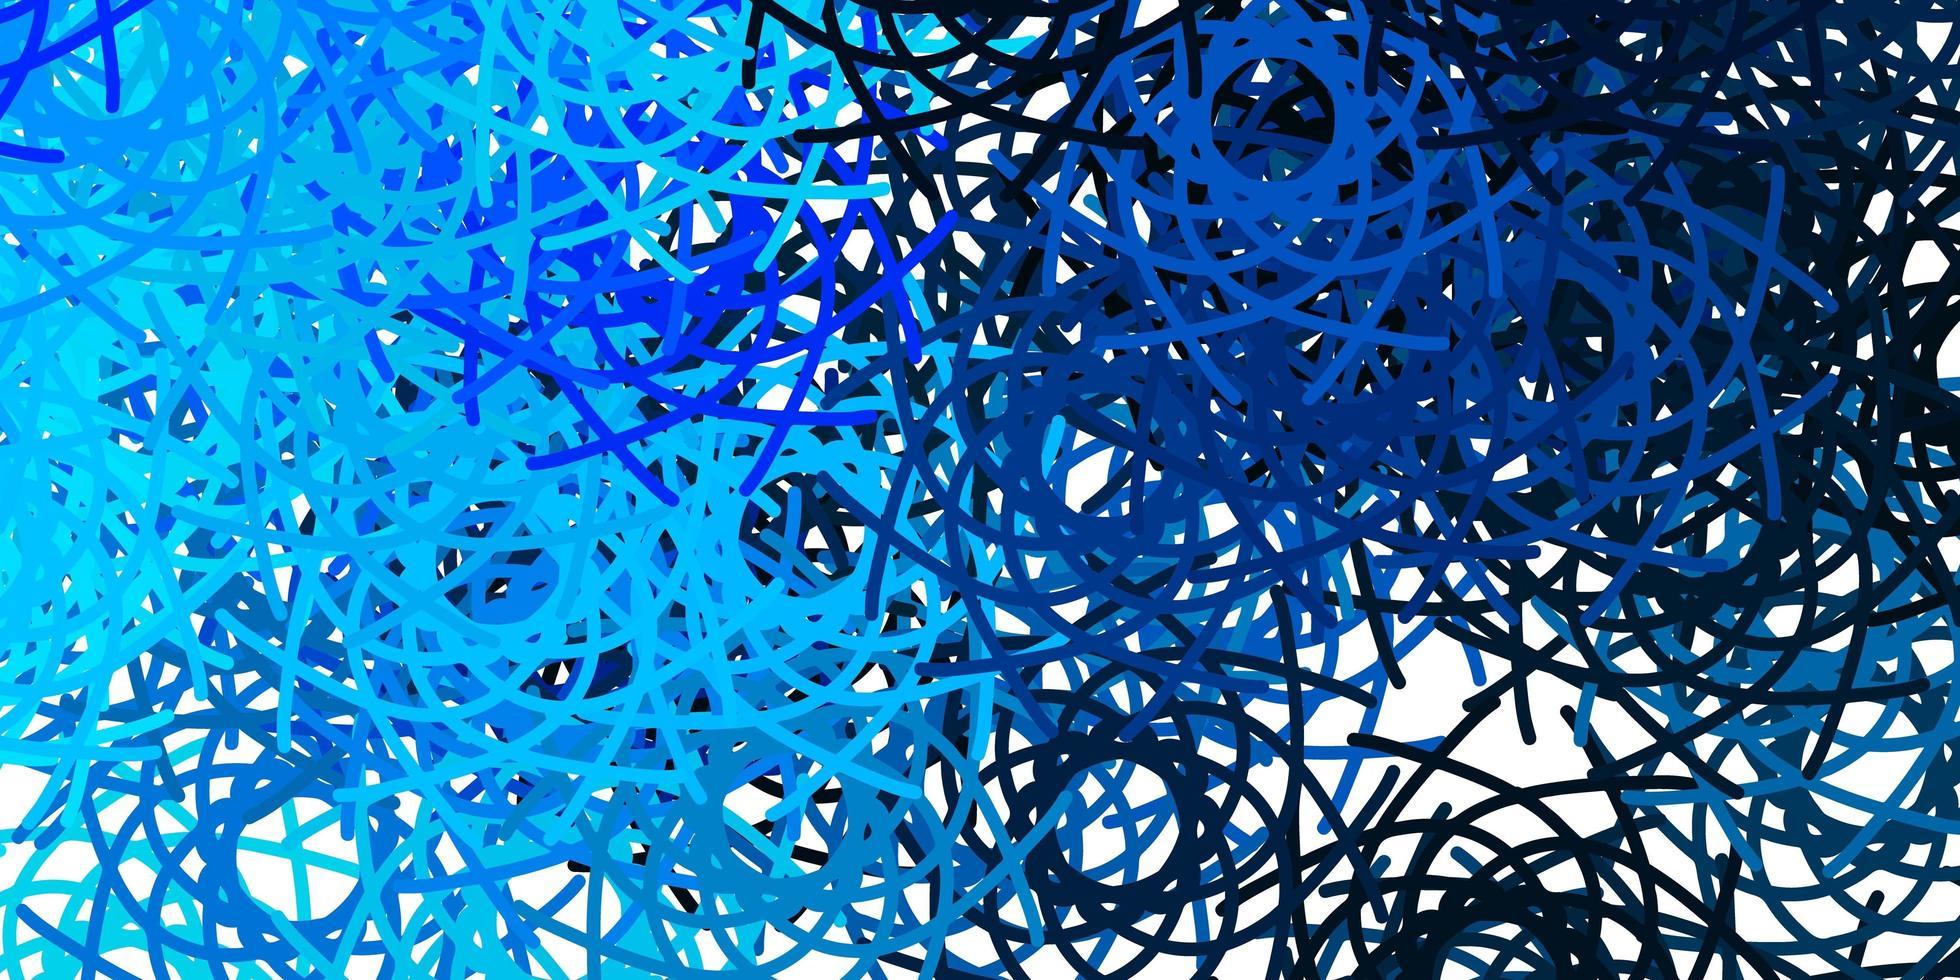 padrão azul claro com formas abstratas vetor